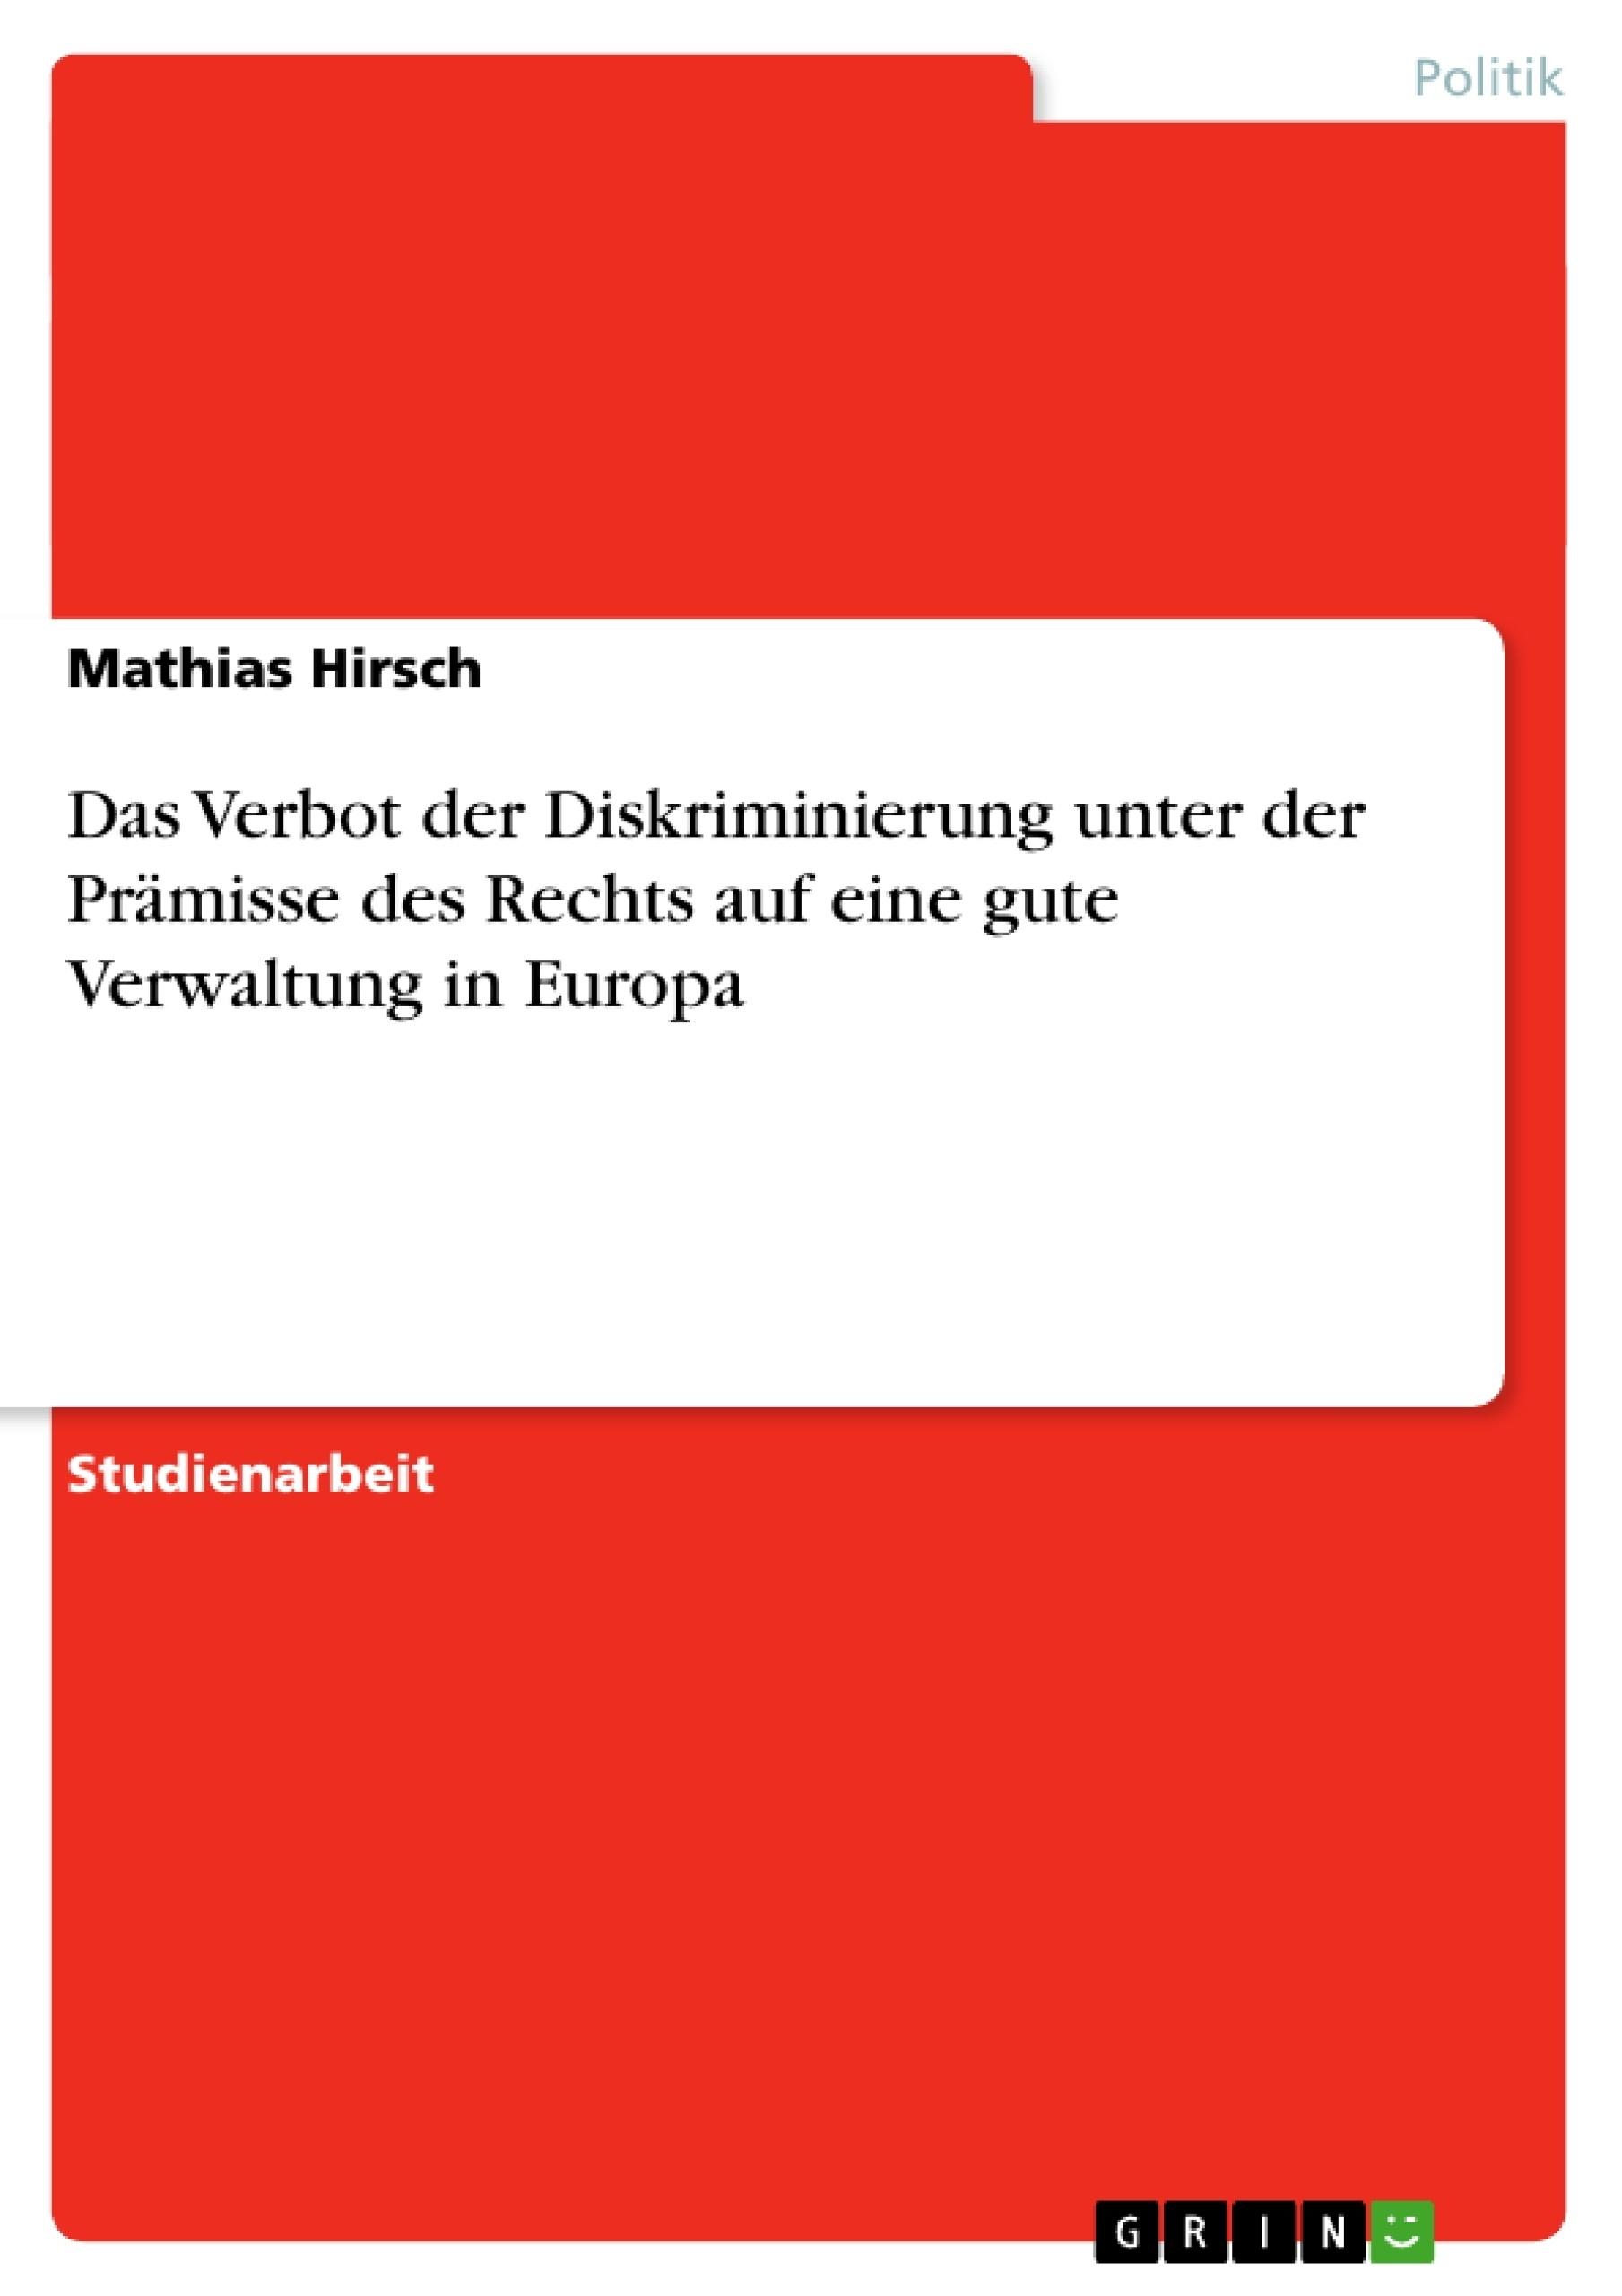 Titel: Das Verbot der Diskriminierung unter der Prämisse des Rechts auf eine gute Verwaltung in Europa